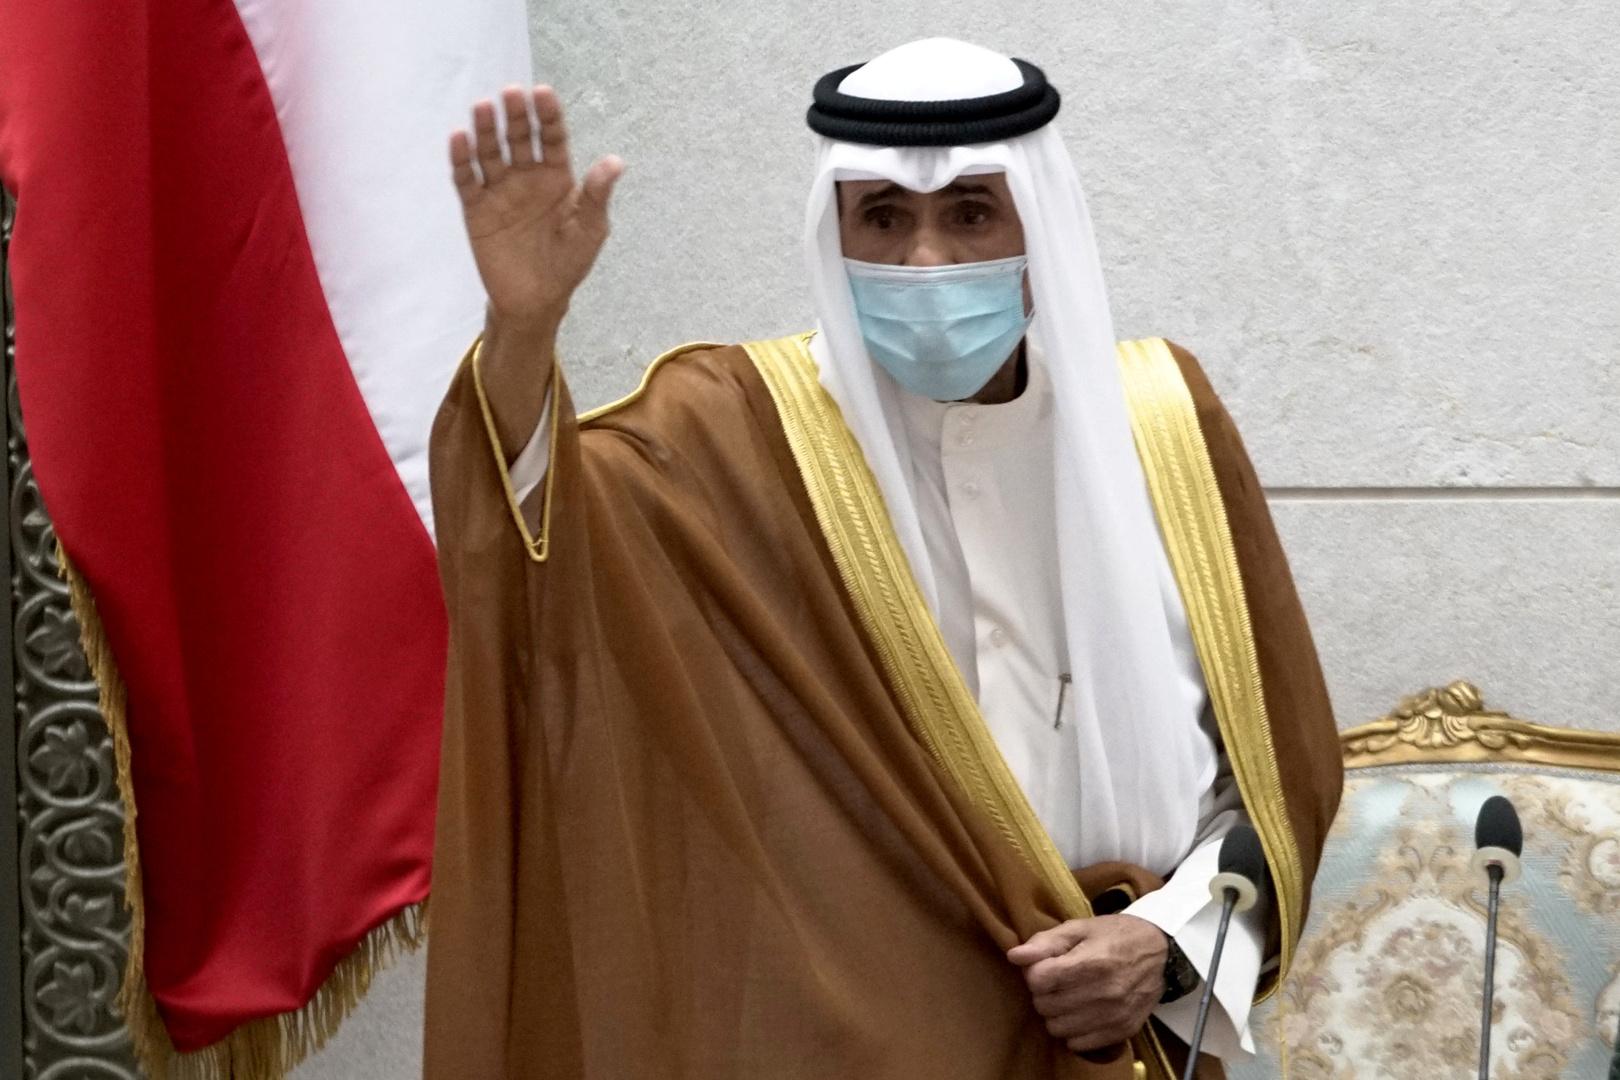 أمير الكويت يوجه بسحب البلاغات ضد النواب والمواطنين المخالفين لإجراءات كورونا